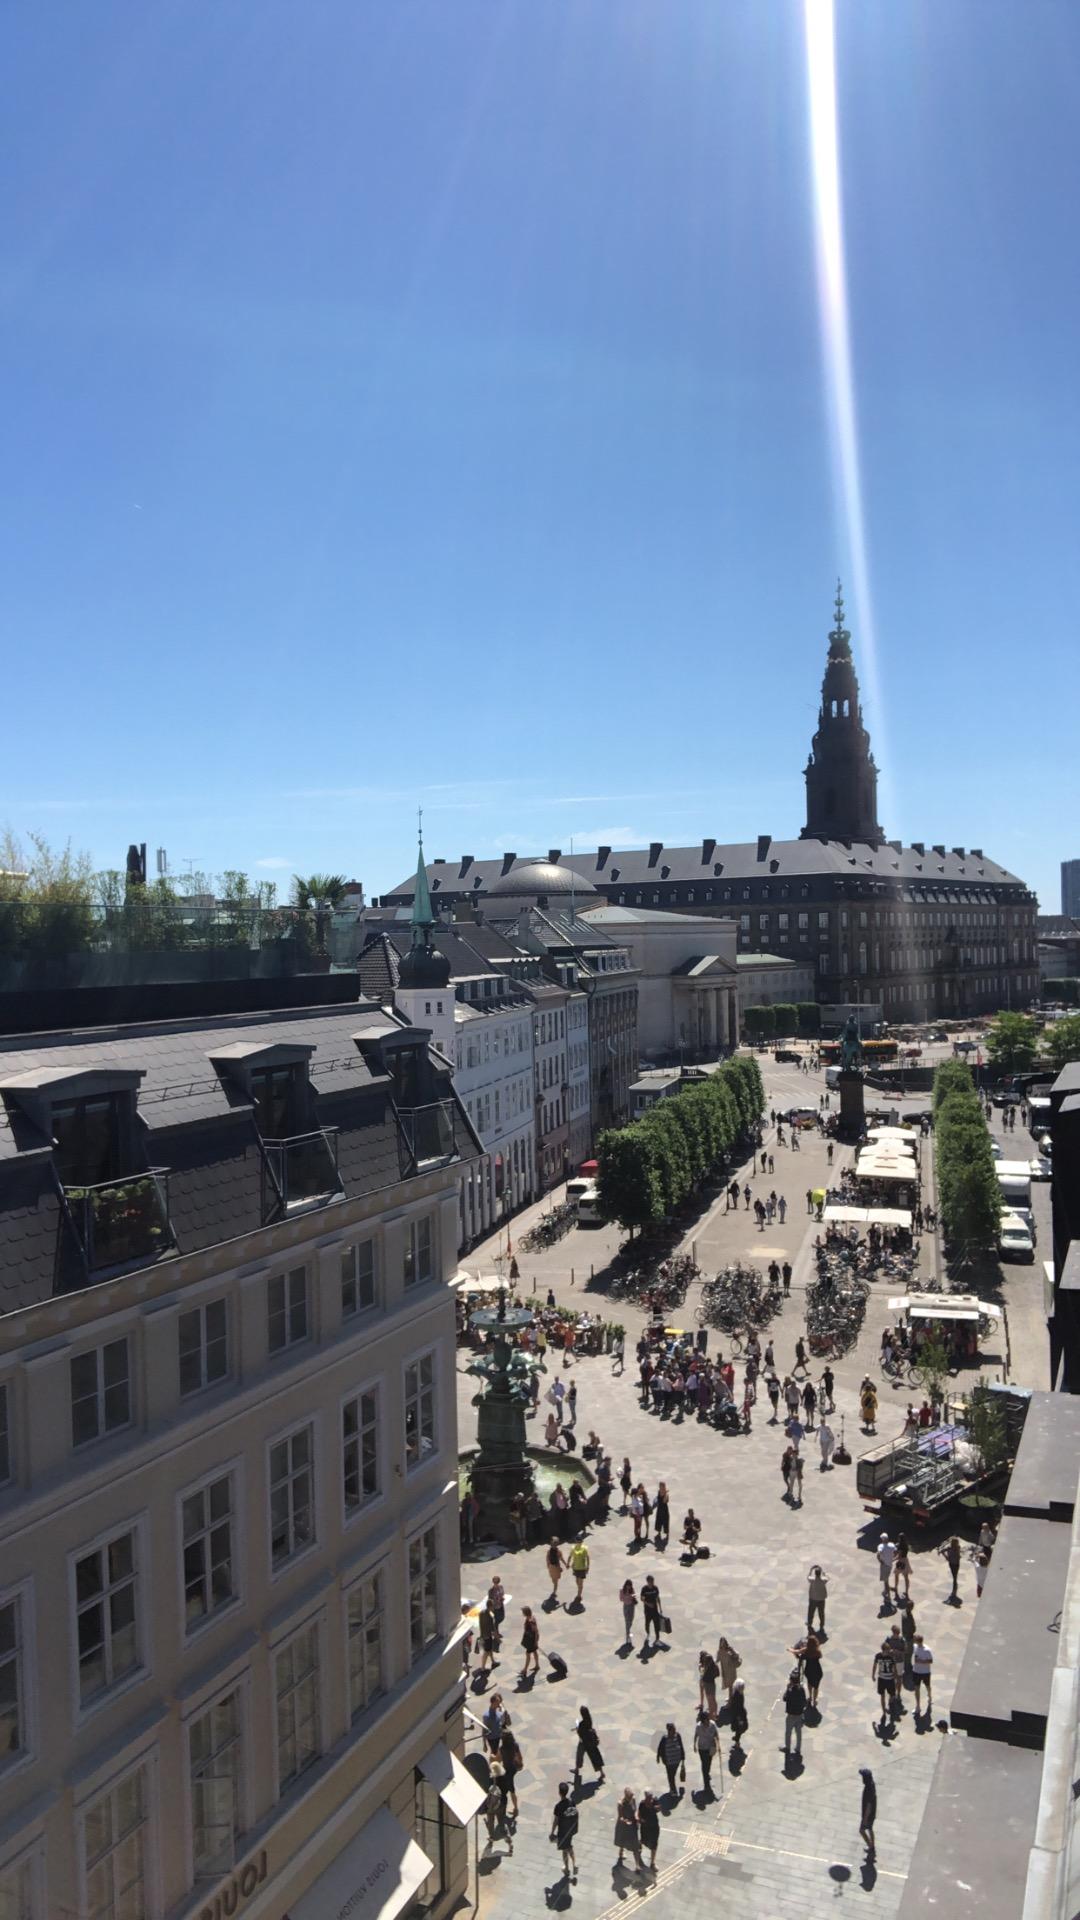 København, Illum, rooftop, illum rooftop, sommer, strøget, storkespringvandet